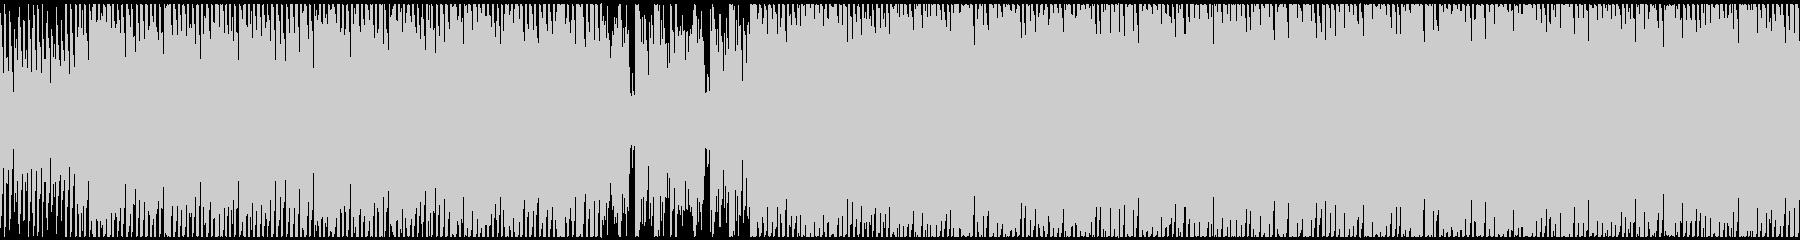 【ループ】キラキラした希望を感じるシンセの未再生の波形